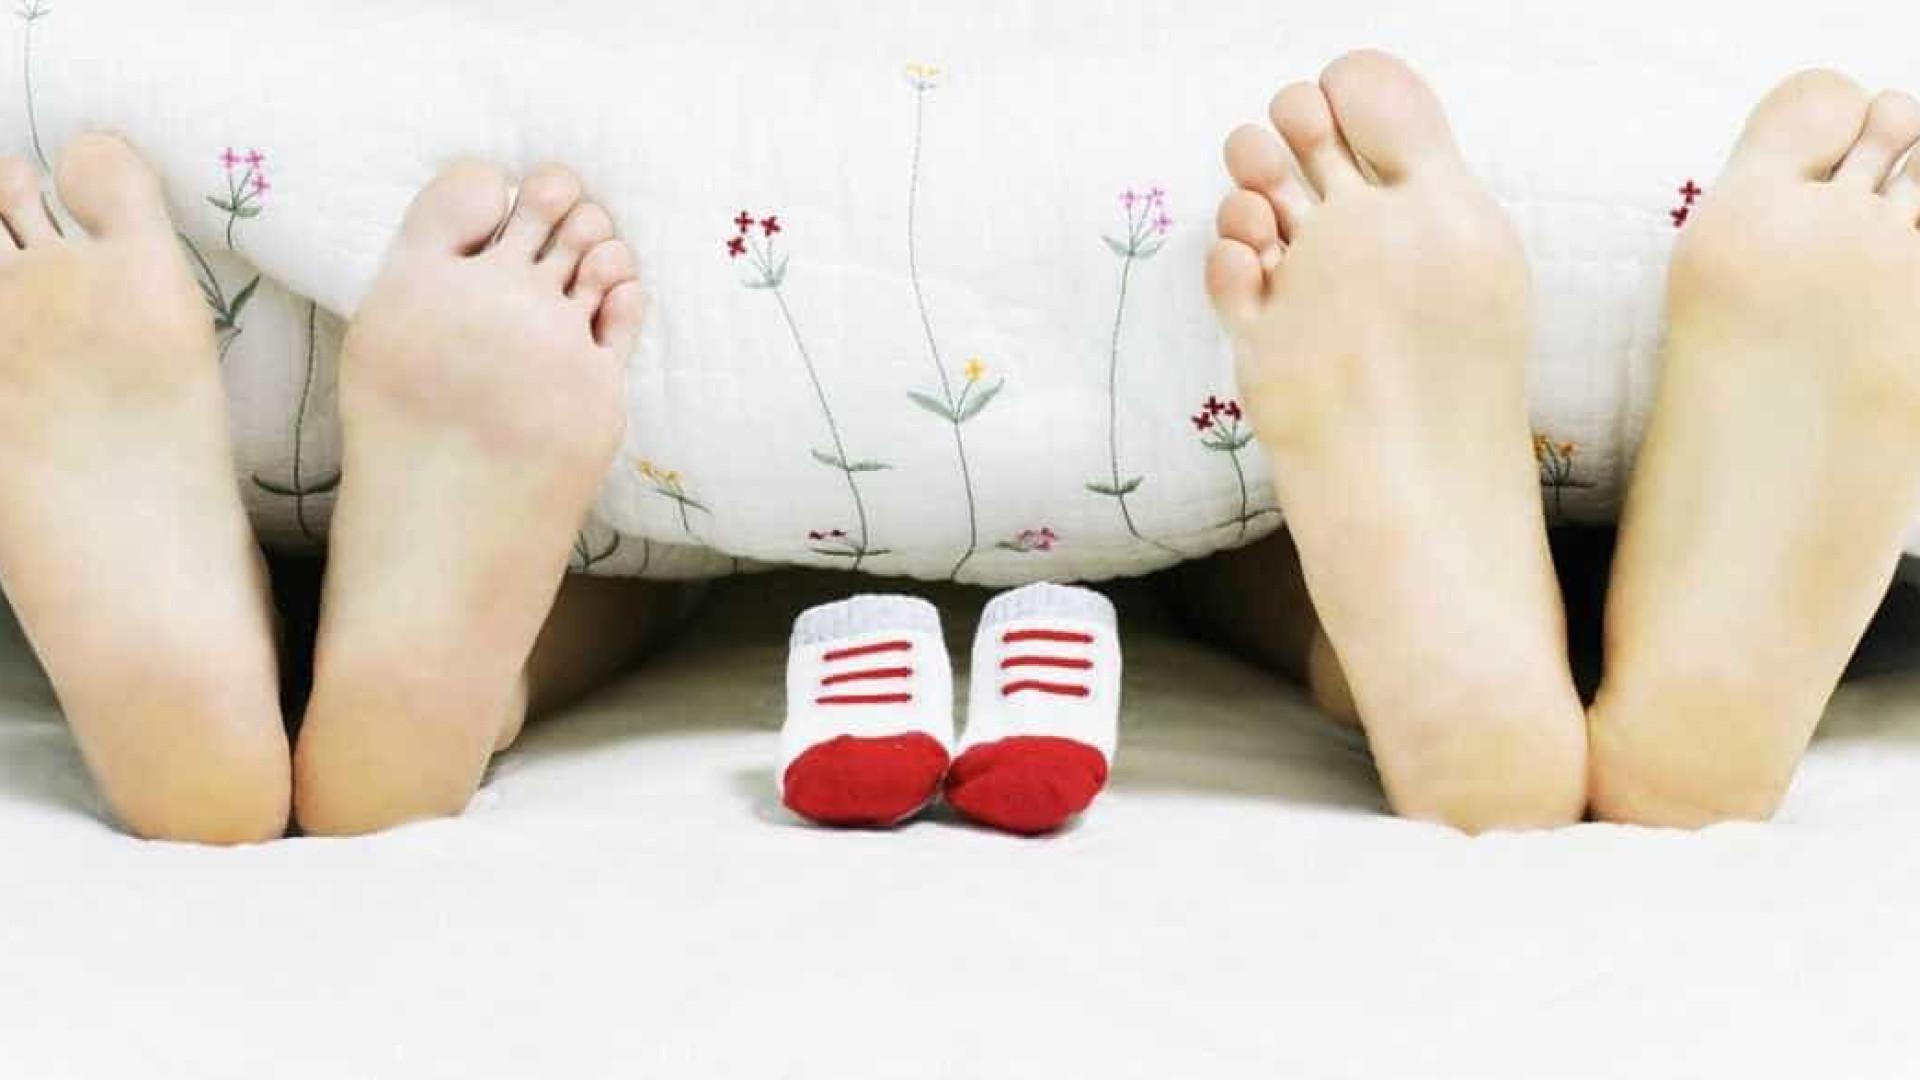 Casais homoafetivos realizam sonho com reprodução assistida